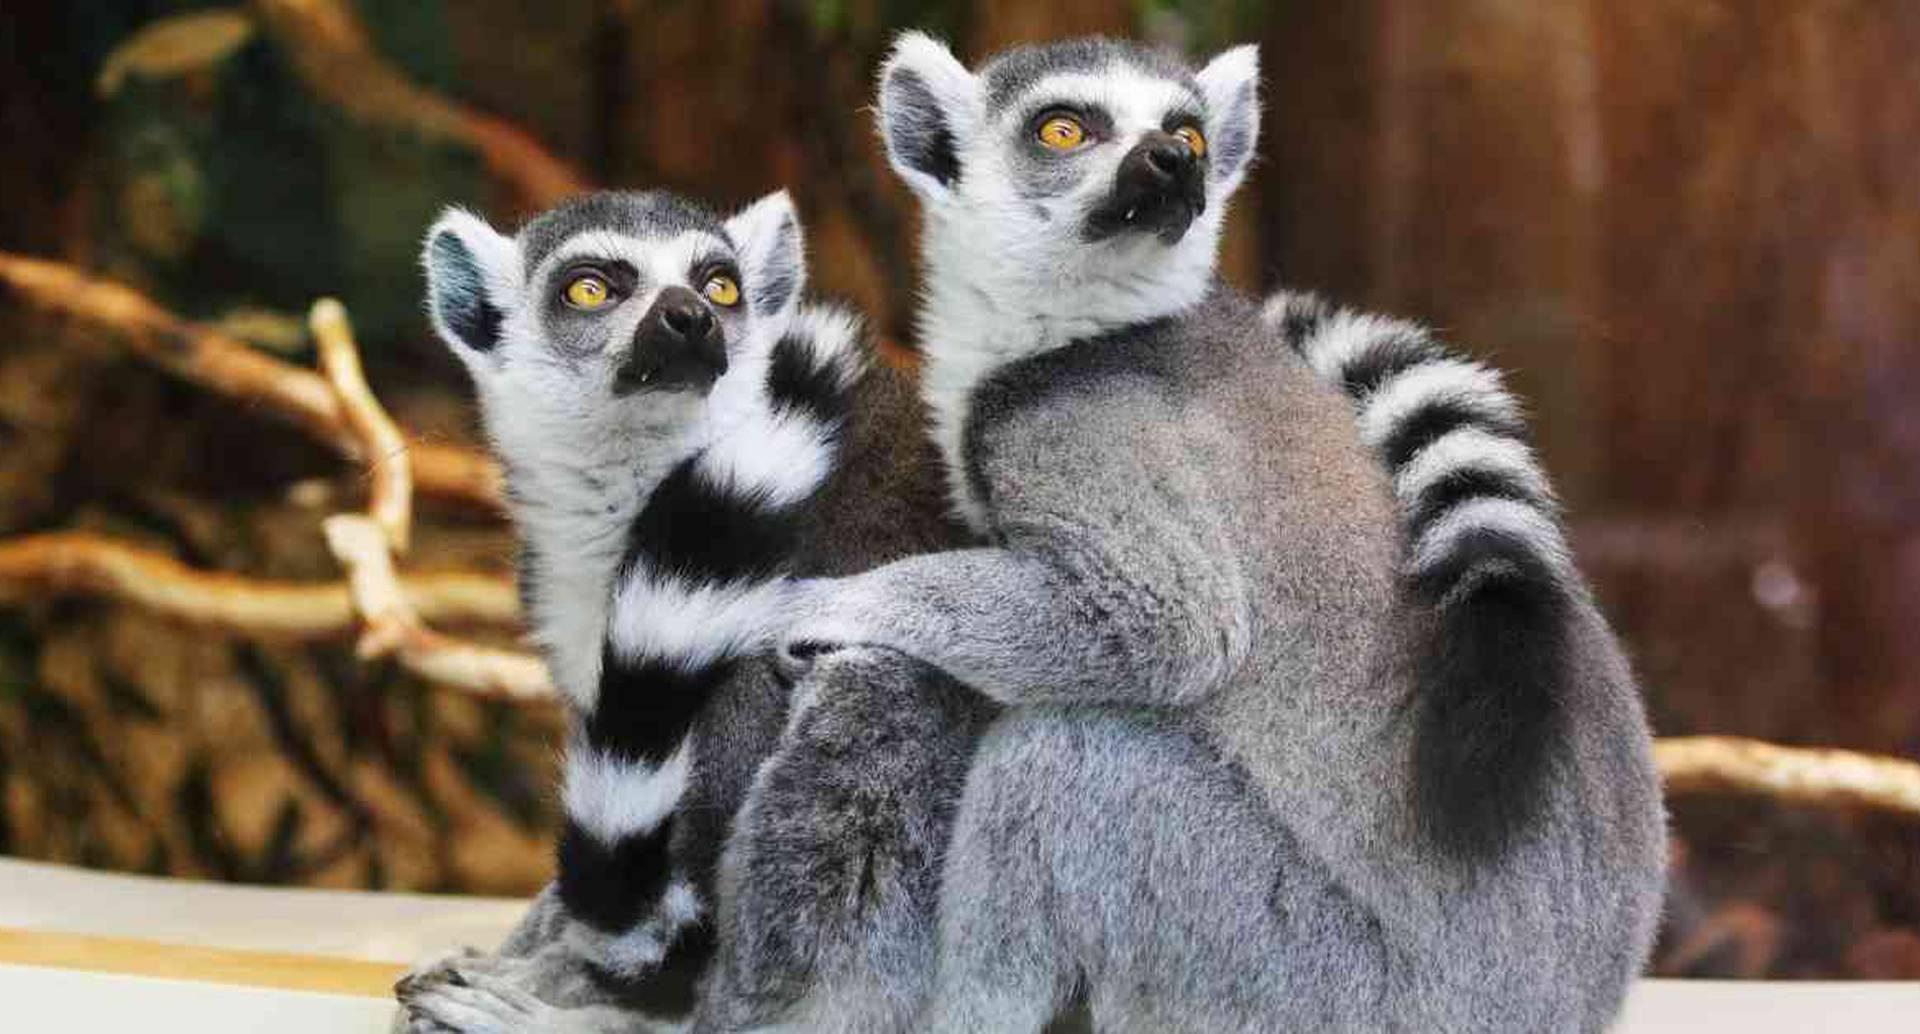 Los lémures de Madagascar son una de las especies que subió de categoría en la lista roja de la UICN. Foto: Pixabay.